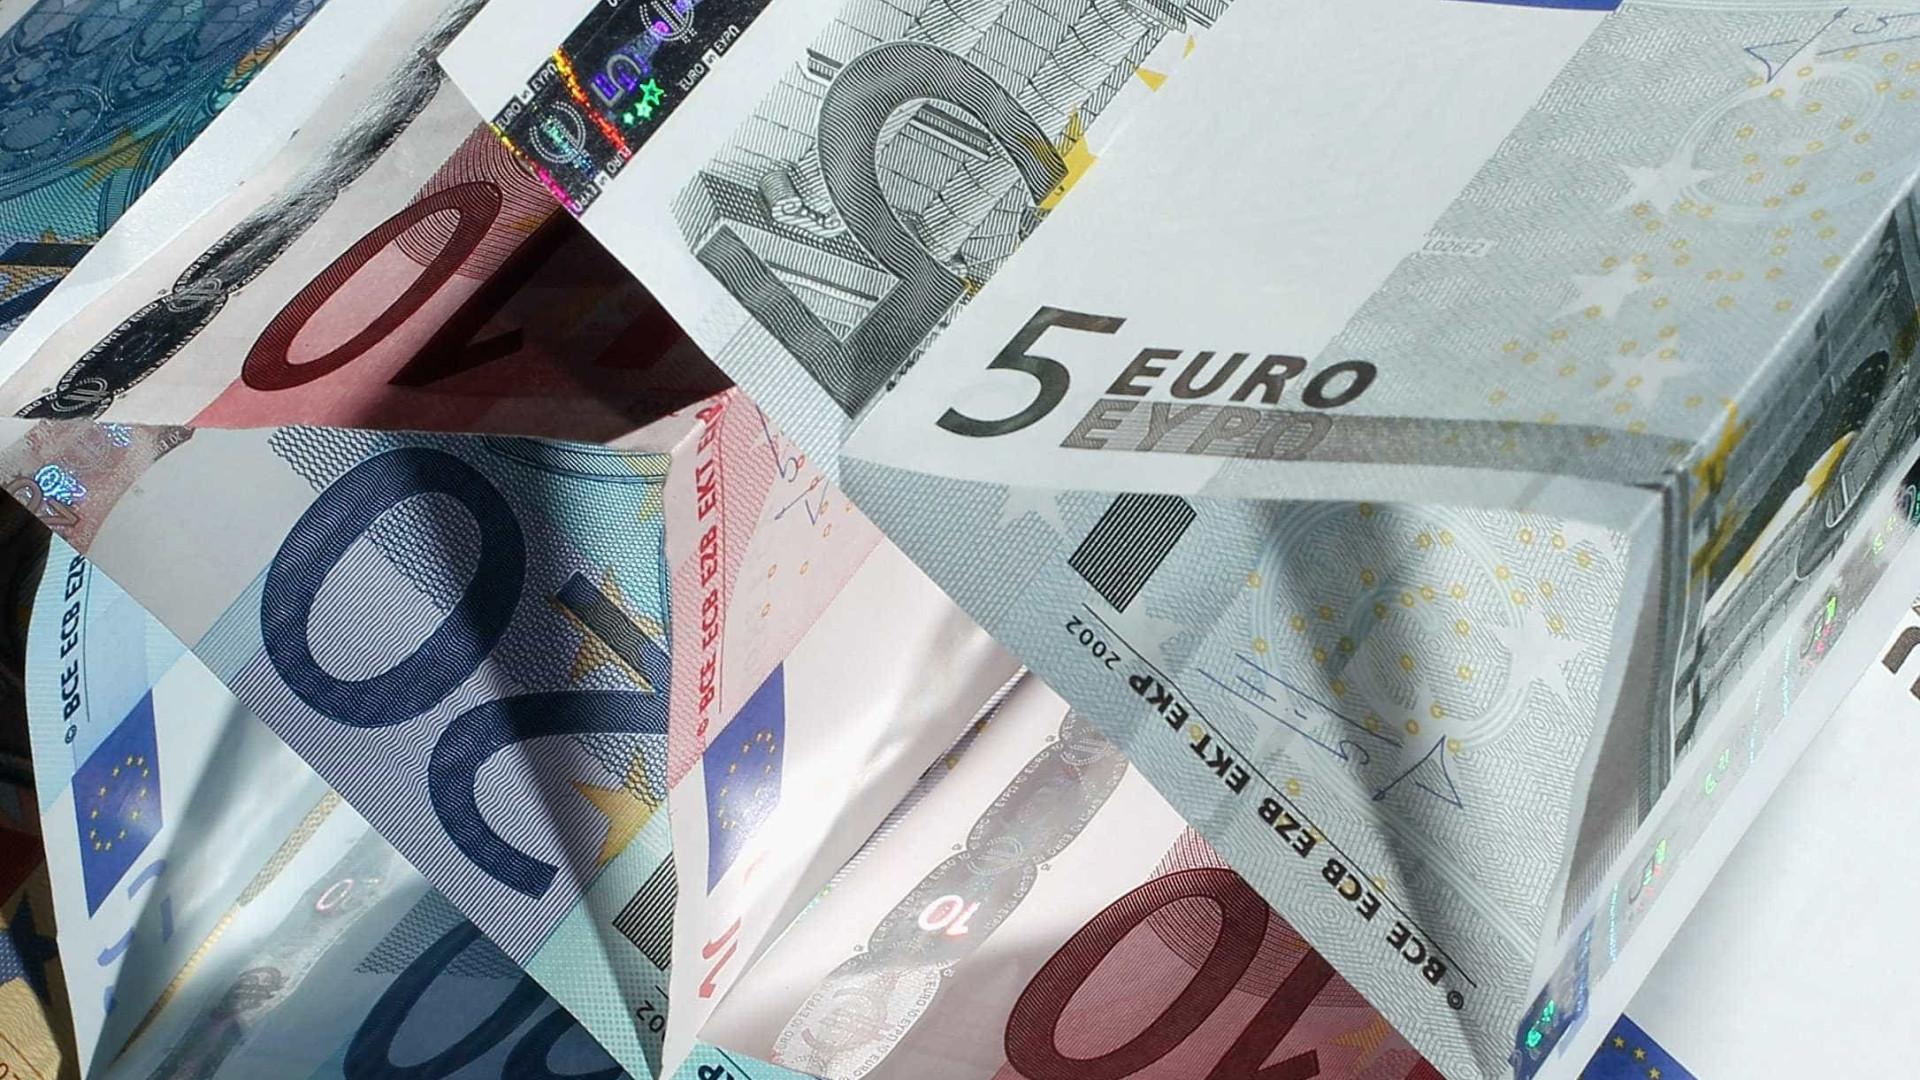 Taxa de inflação em Espanha situa-se em 1,6% em outubro